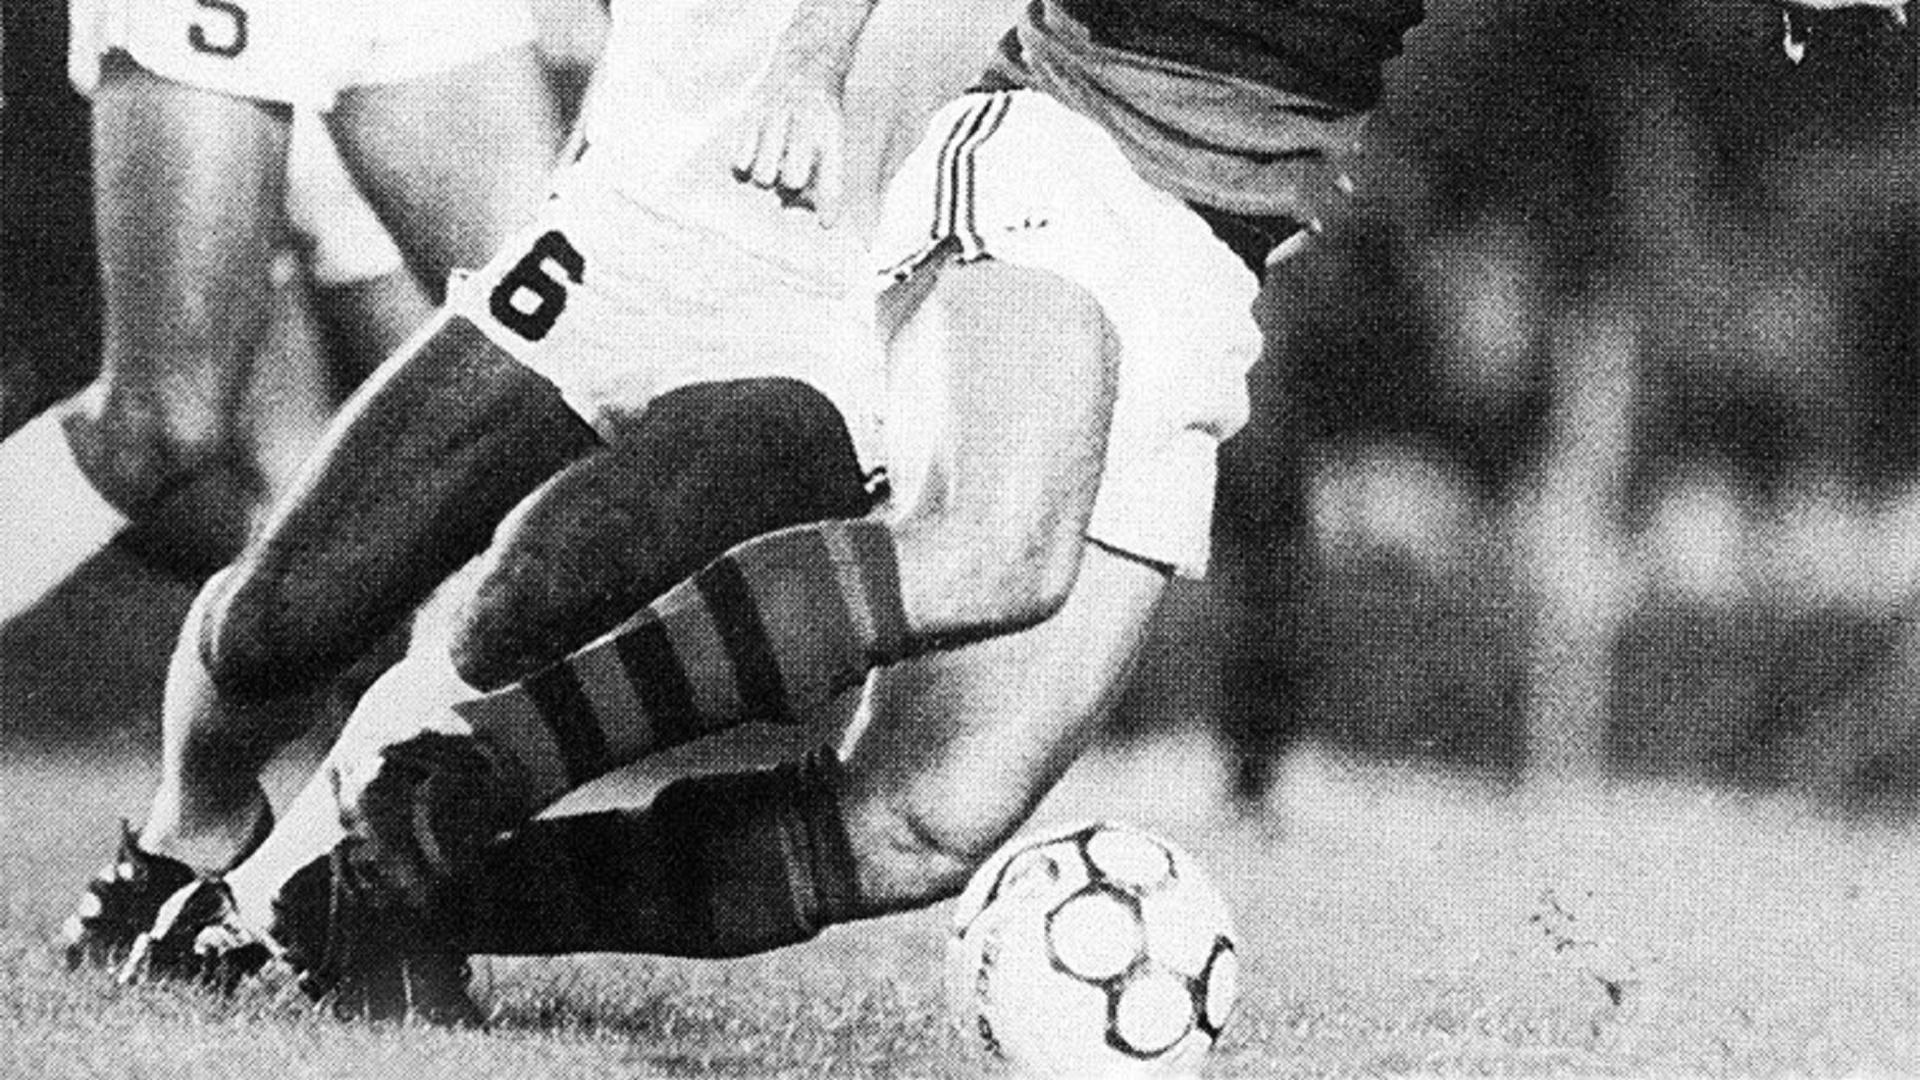 Zico, pelo Flamengo, encara a marcação santista na final do Campeonato Brasileiro de 1983